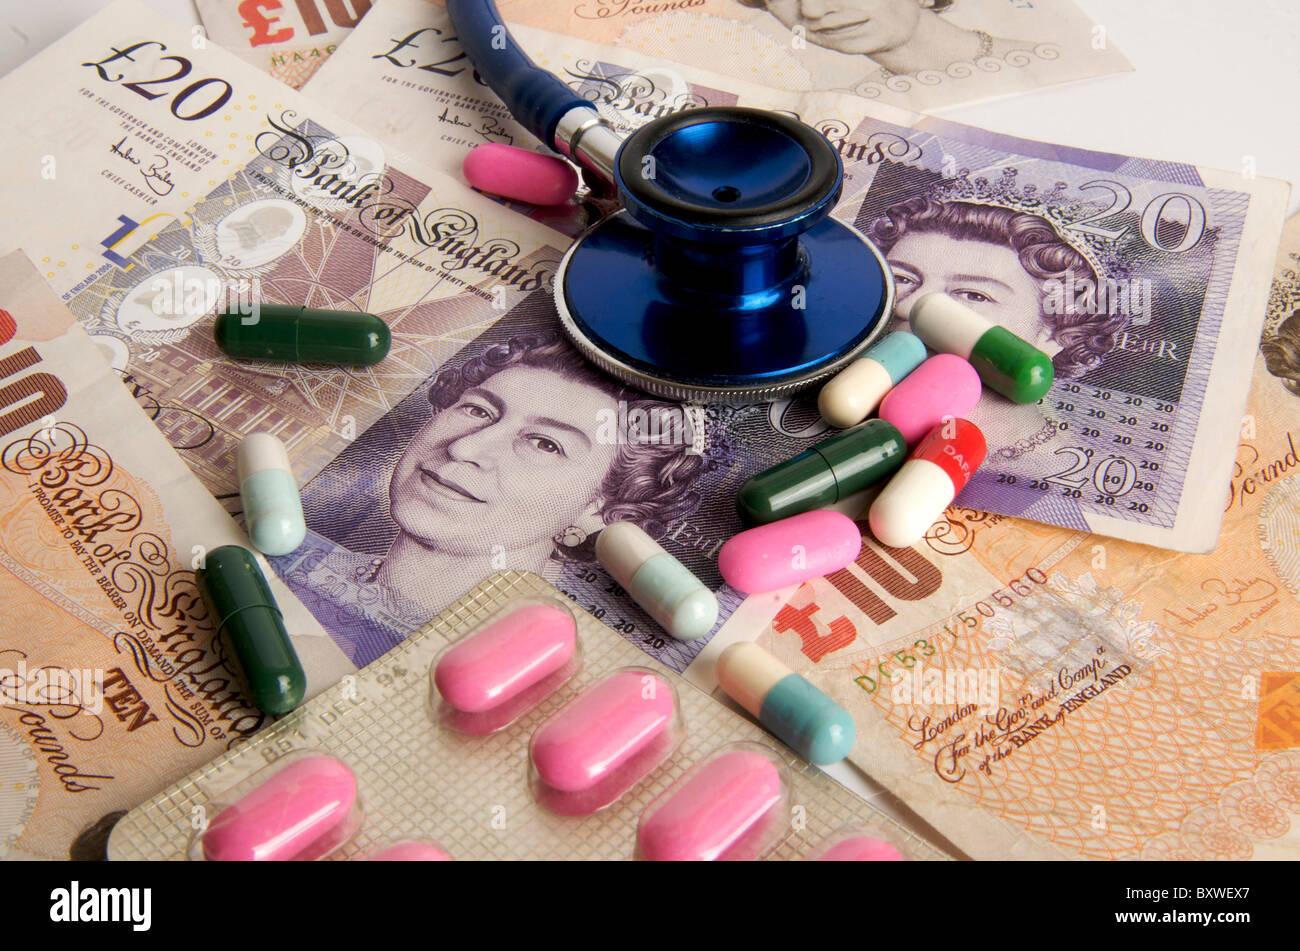 Pfund-Banknoten, Stethoskop, Pillen, Konzept Gesundheitsversorgung im Vereinigten Königreich. Stockfoto